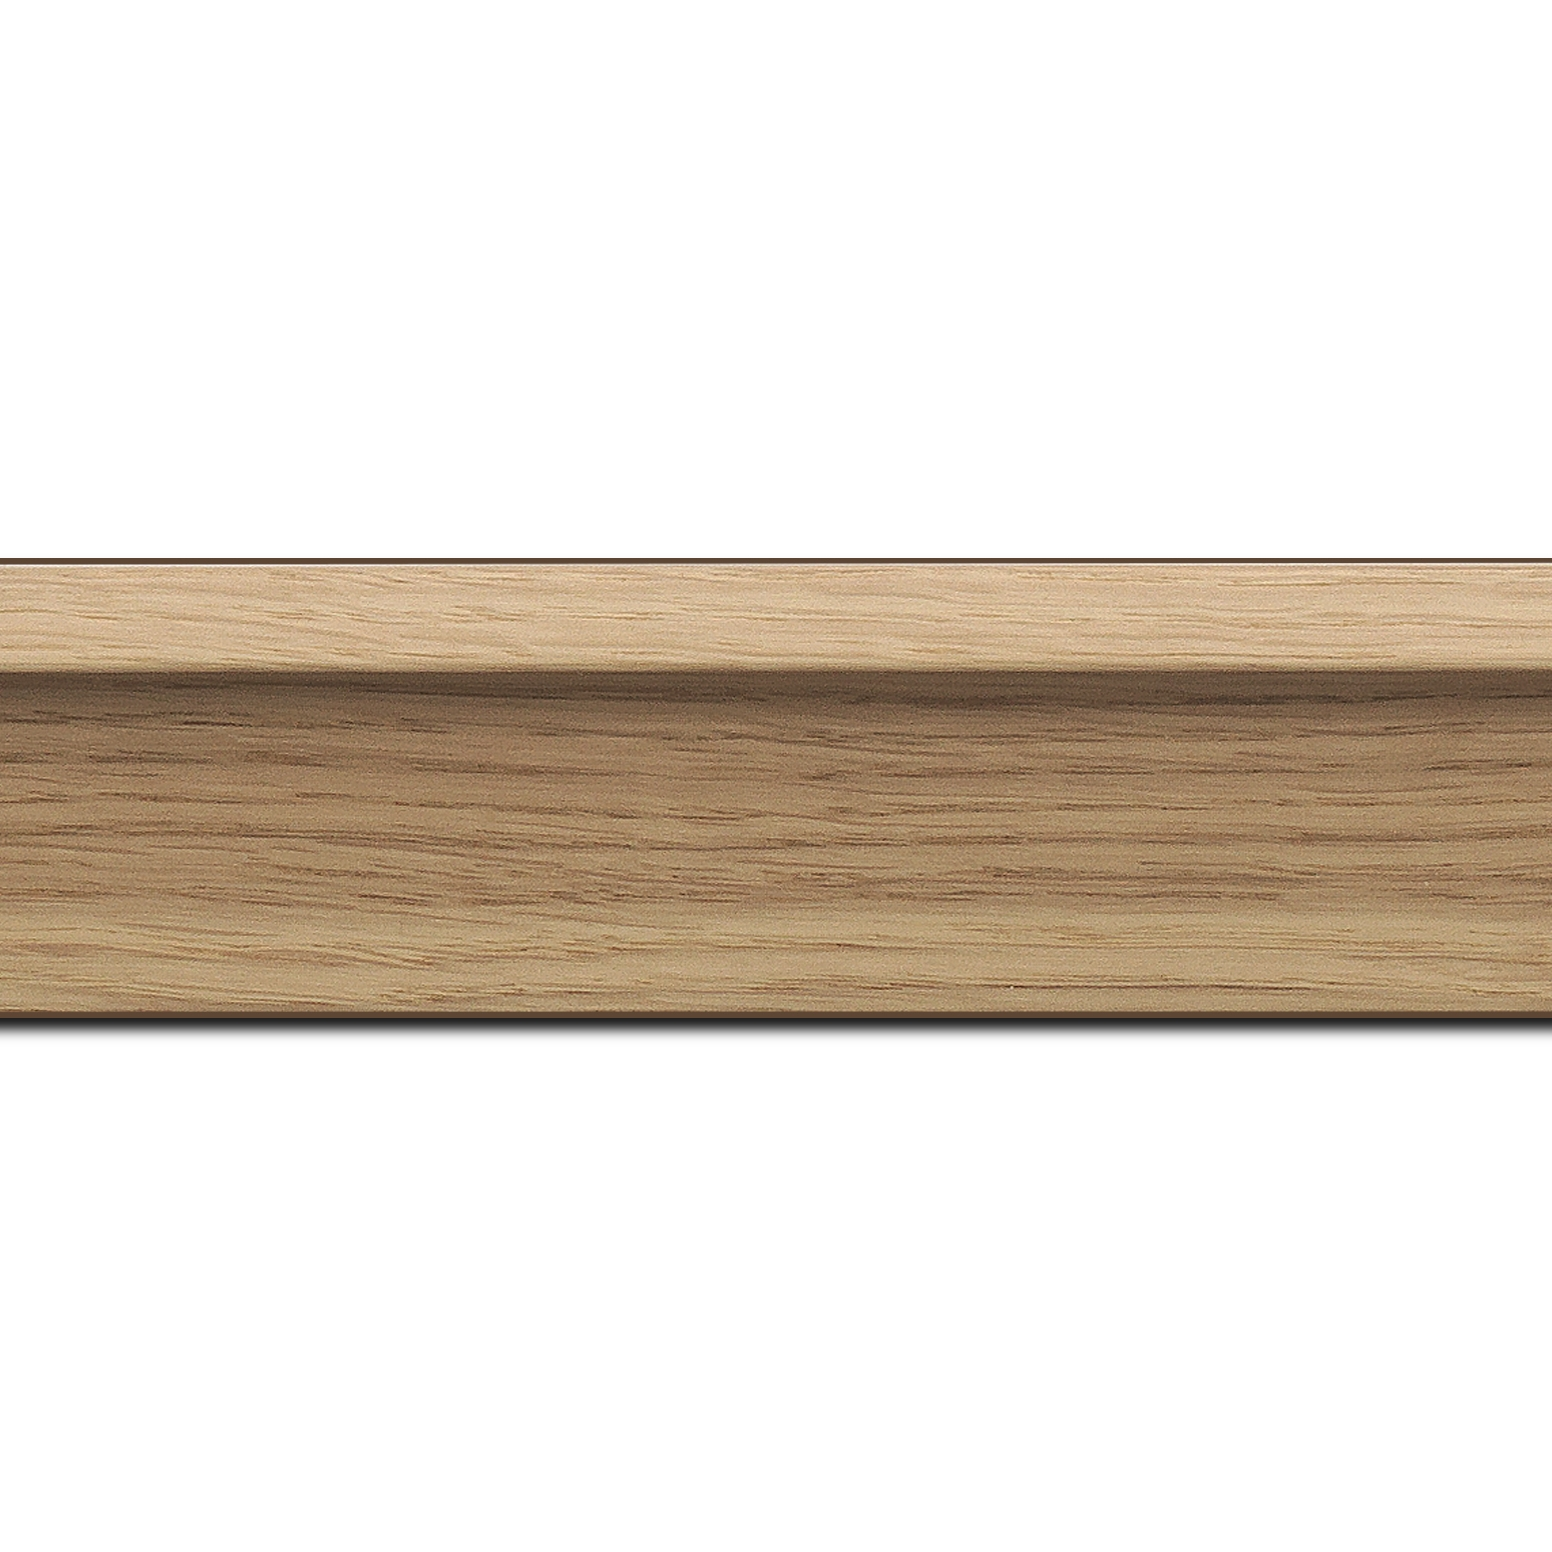 Baguette longueur 1.40m bois caisse américaine profil en l largeur 4.5cm placage haut de gamme chêne naturel (spécialement conçu pour les châssis d'une épaisseur jusqu'à 3.5cm ) information complémentaire : il faut renseigner la dimension précise de votre sujet  et l'espace intérieur entre la toile et le cadre sera de 1.5cm